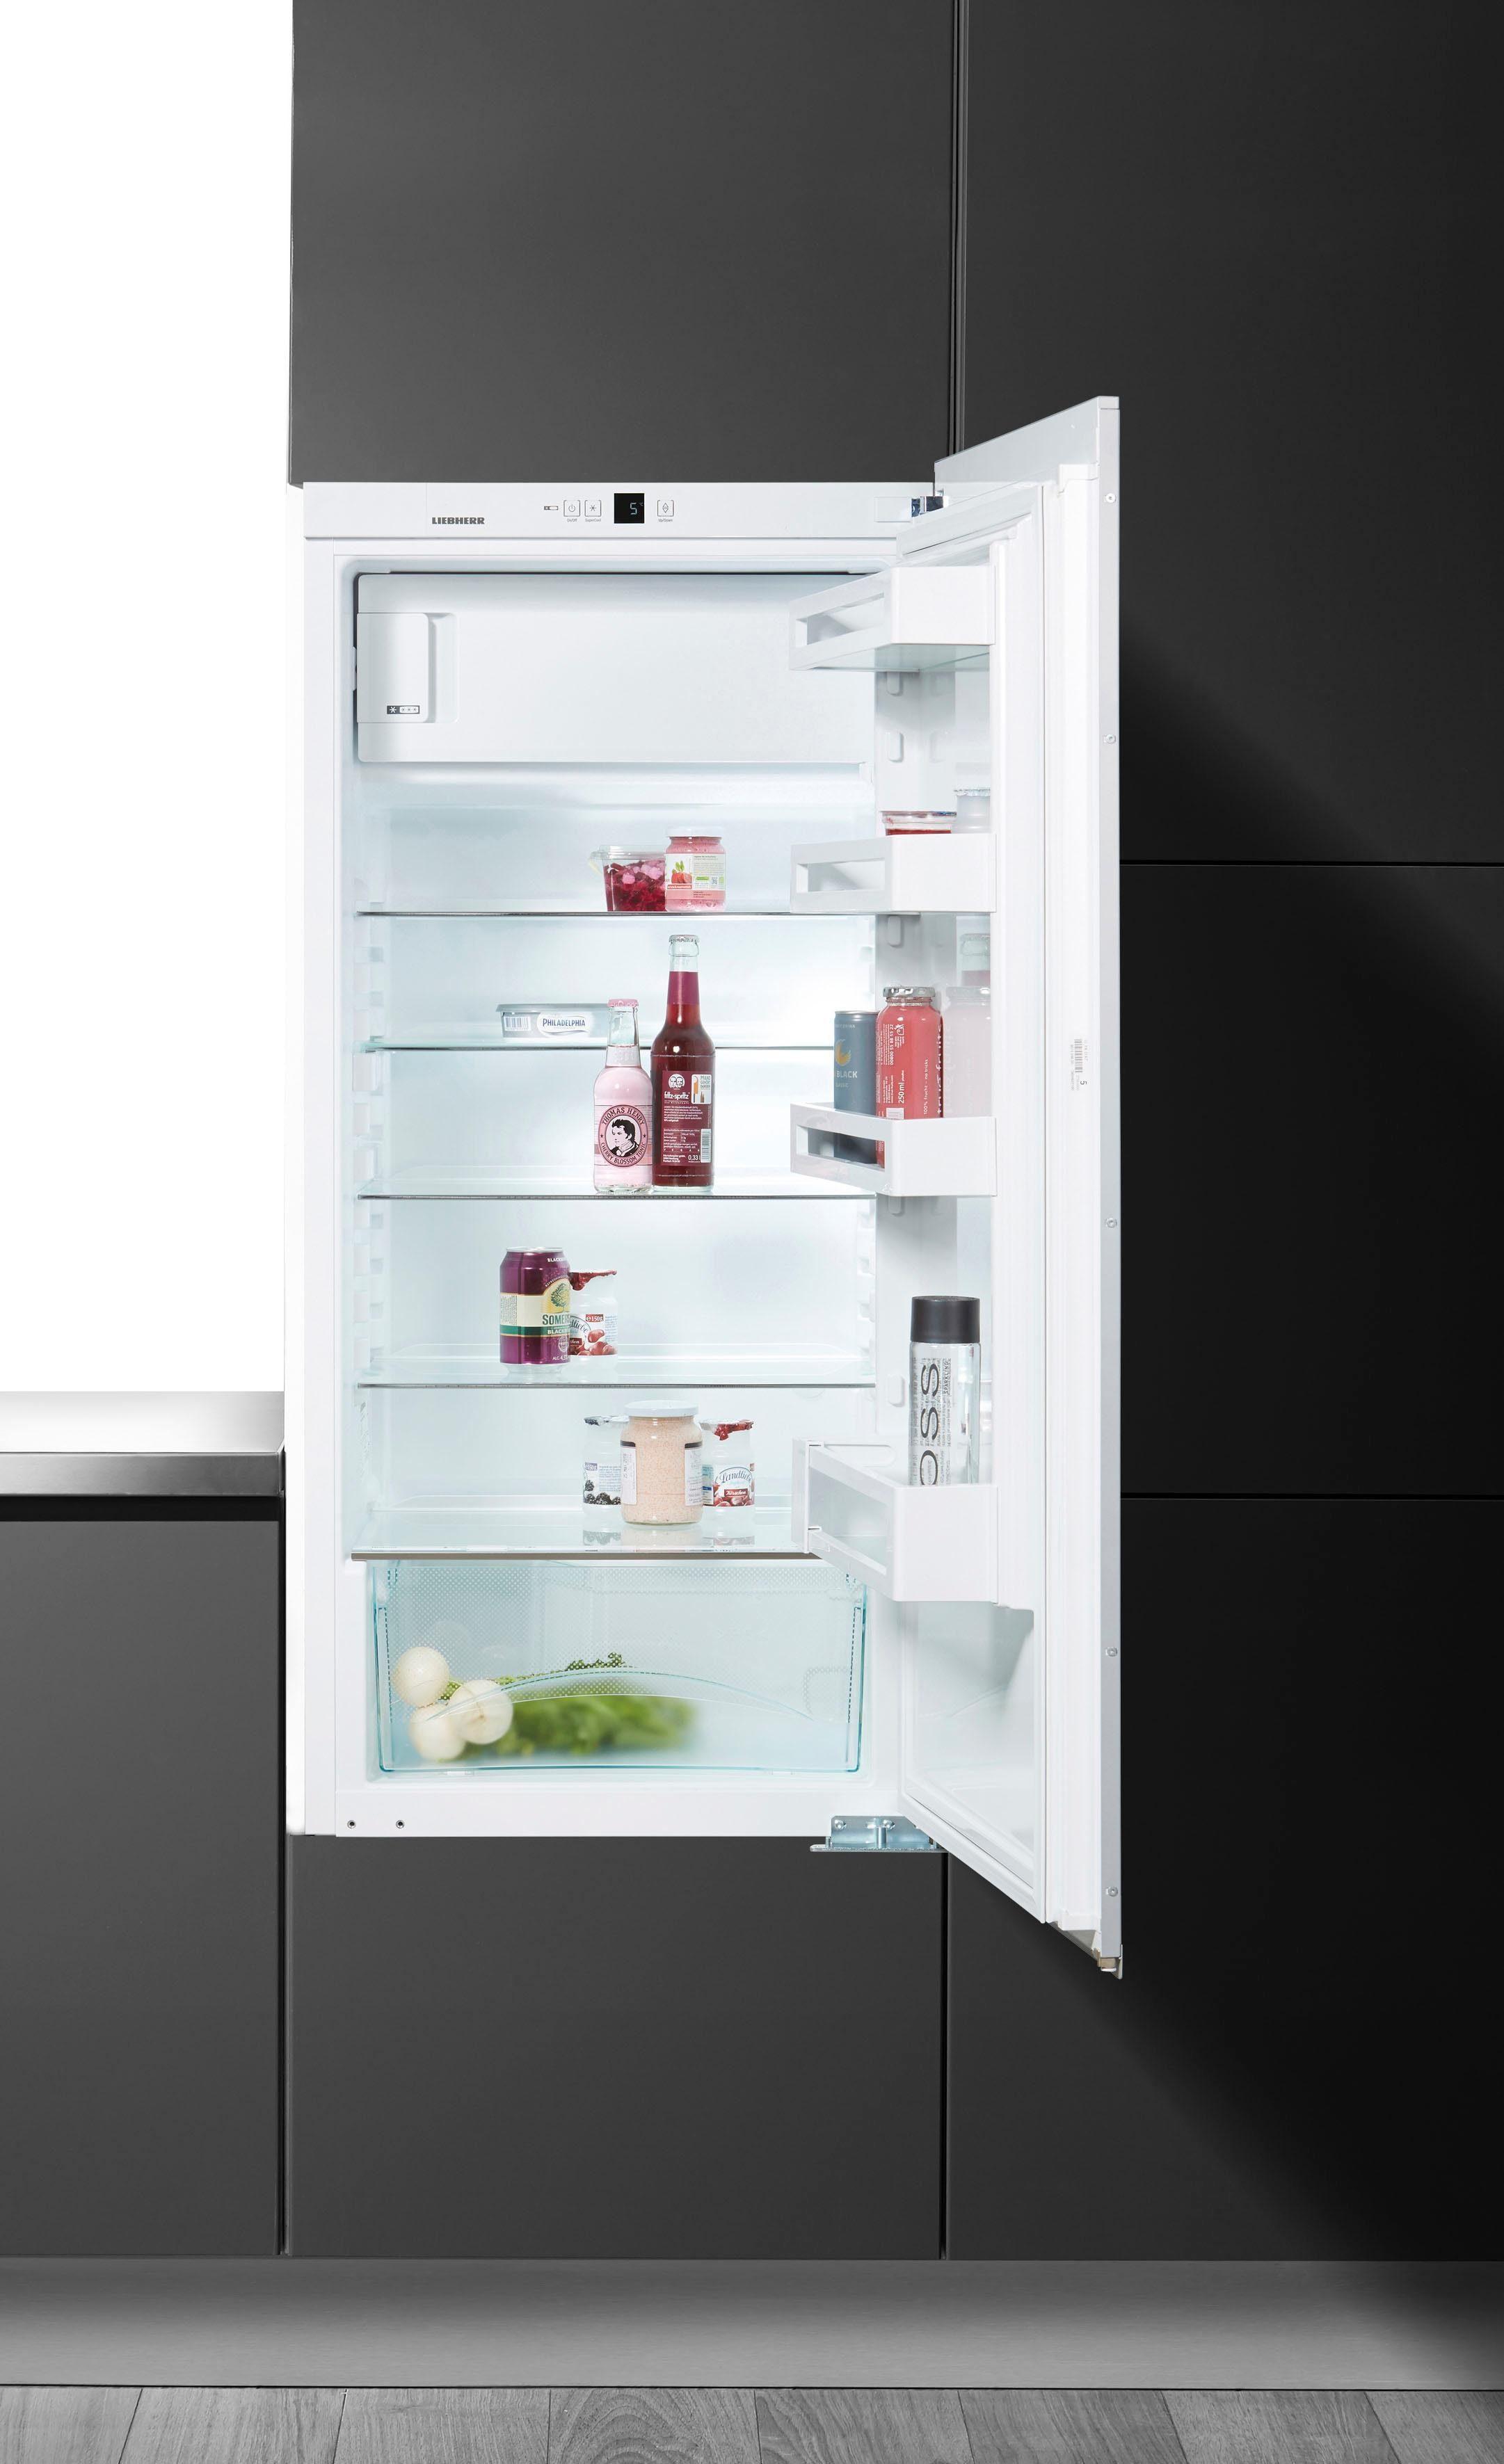 Liebherr dekorfähiger Einbau-Kühlschrank EK 2324, Energieklasse A++, 121,8 cm hoch